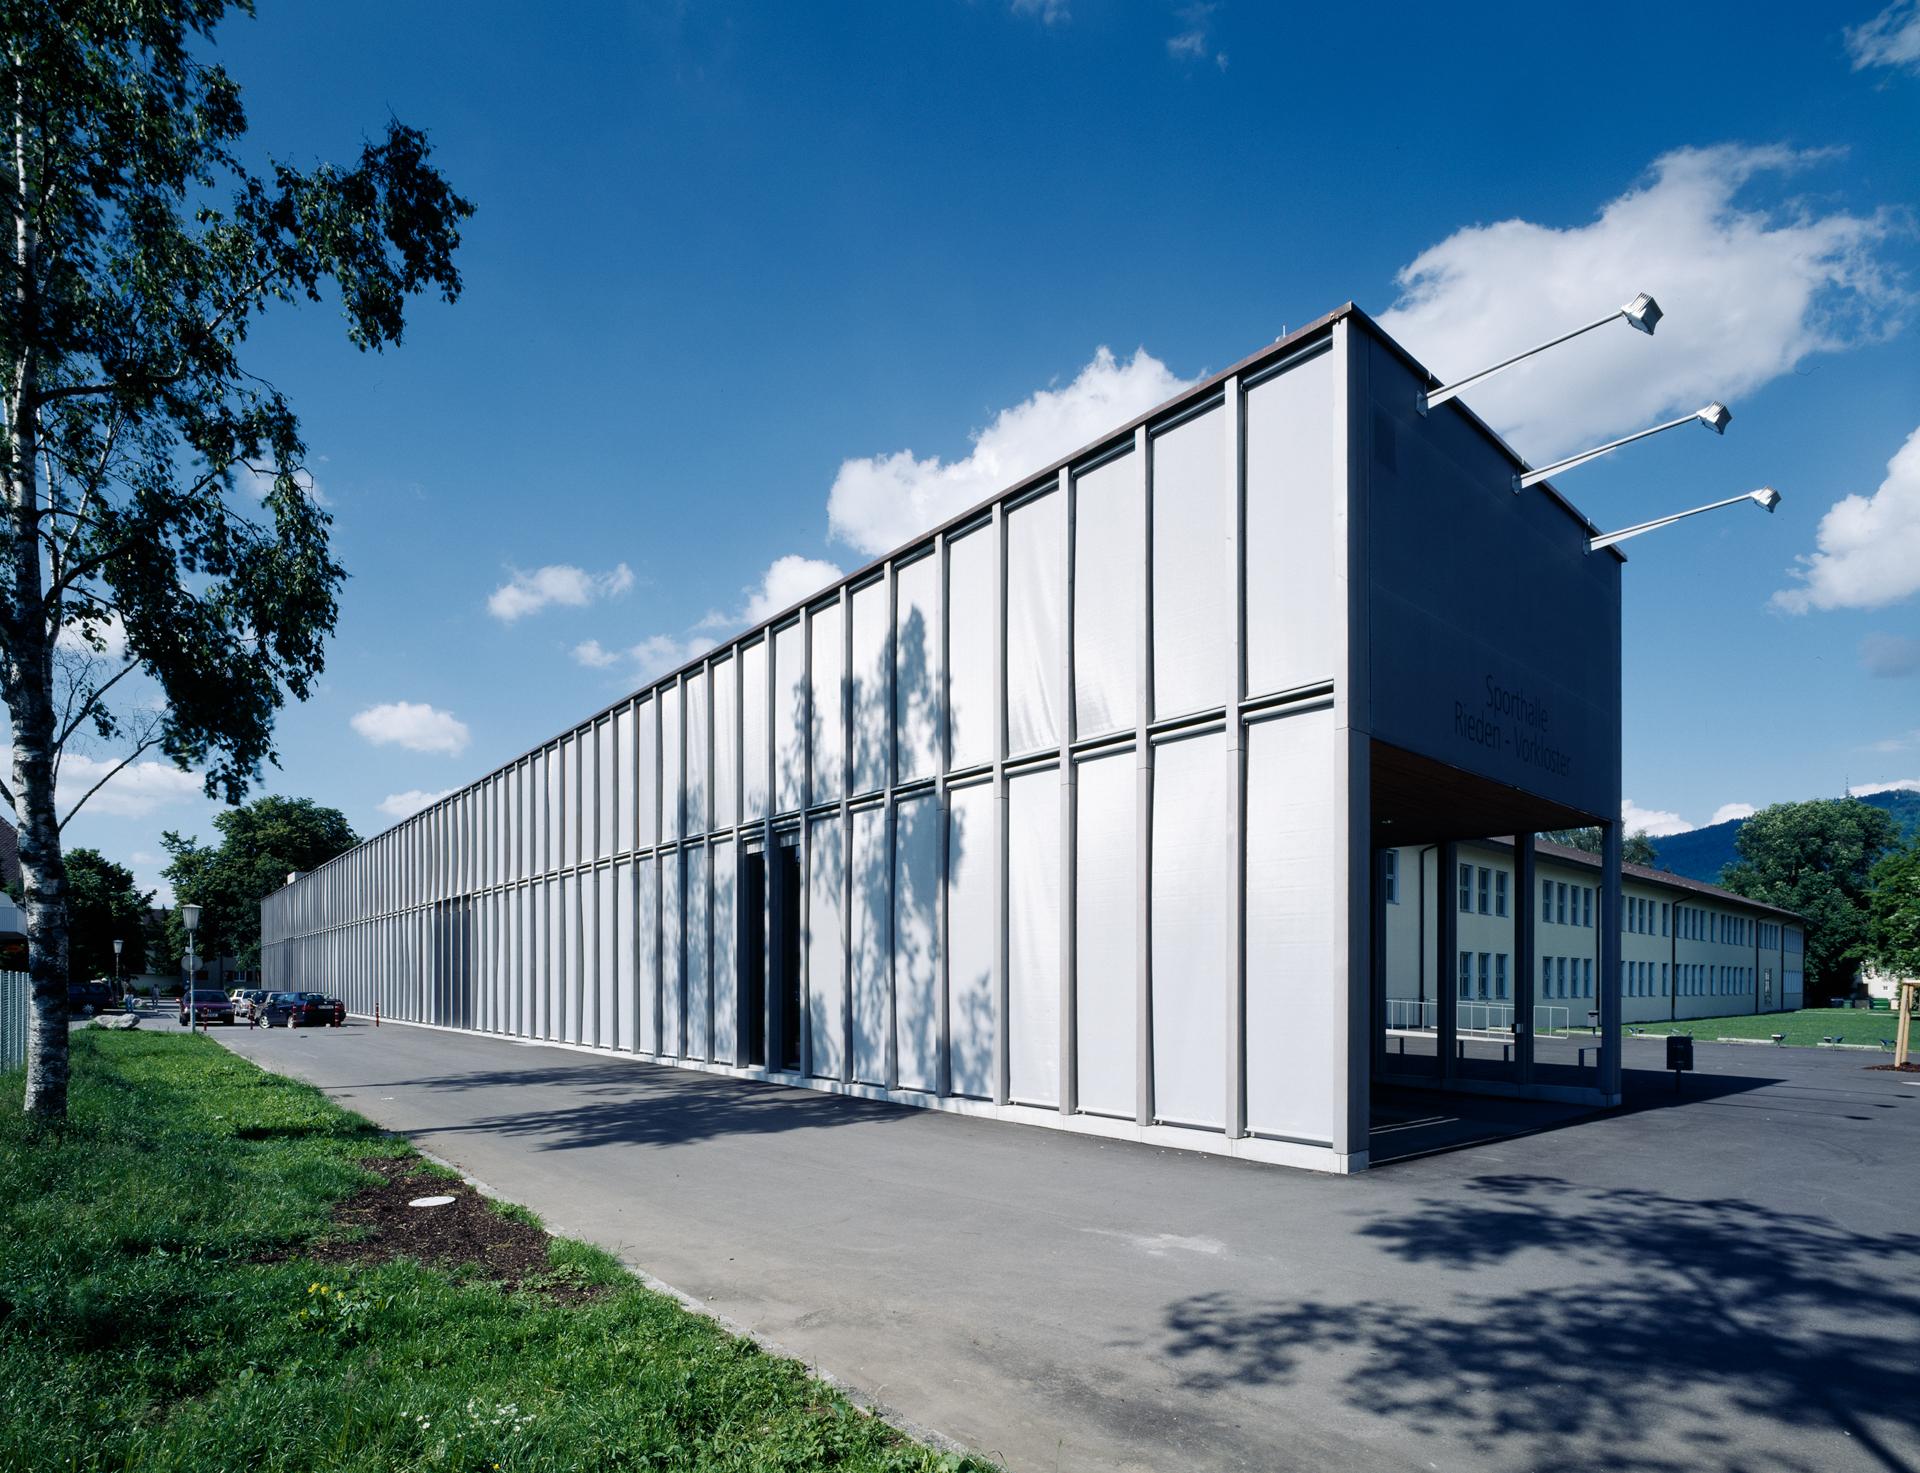 4000_Sporthalle-Rieden-Vorkloster_FOTO_Sporthalle_Rieden_24_ex_Aussen-Beschattung-geschlossen_Bruno-Klomfar